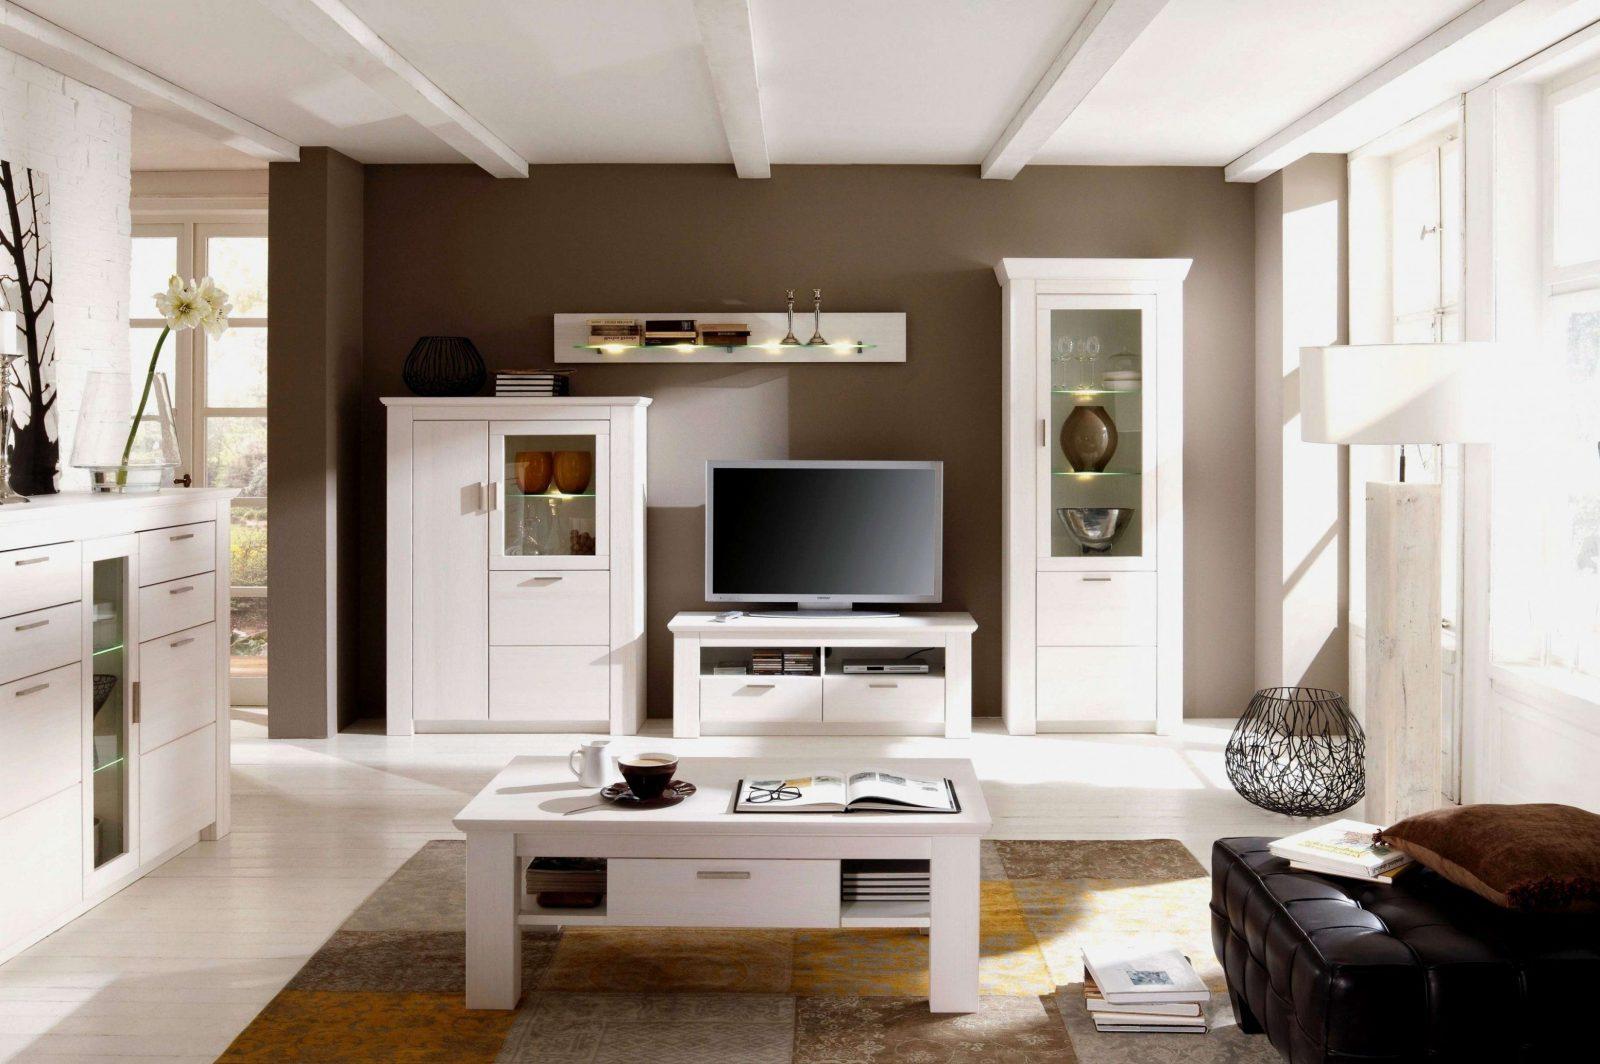 Wohnzimmermöbel Serie Best Of Welche Wandfarbe Zu Dunklen Möbeln von Wandfarbe Zu Dunklen Möbeln Bild